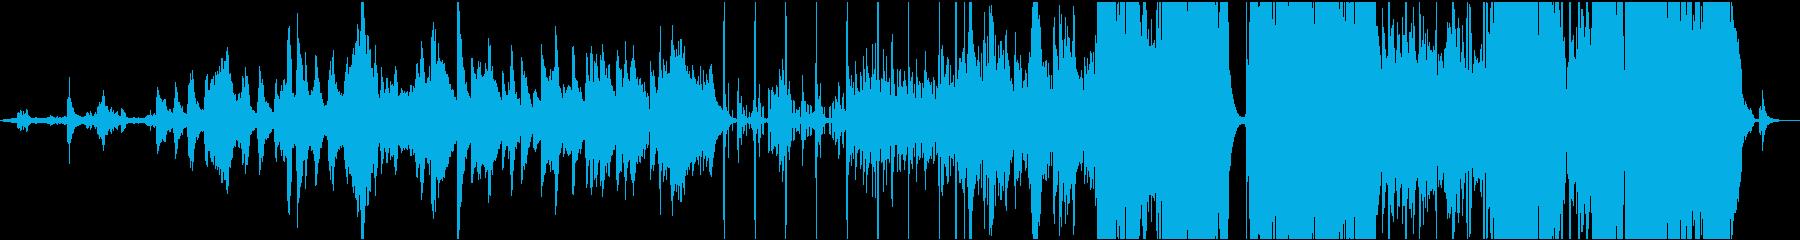 自然界の音とピアノとストリングスと電子音の再生済みの波形